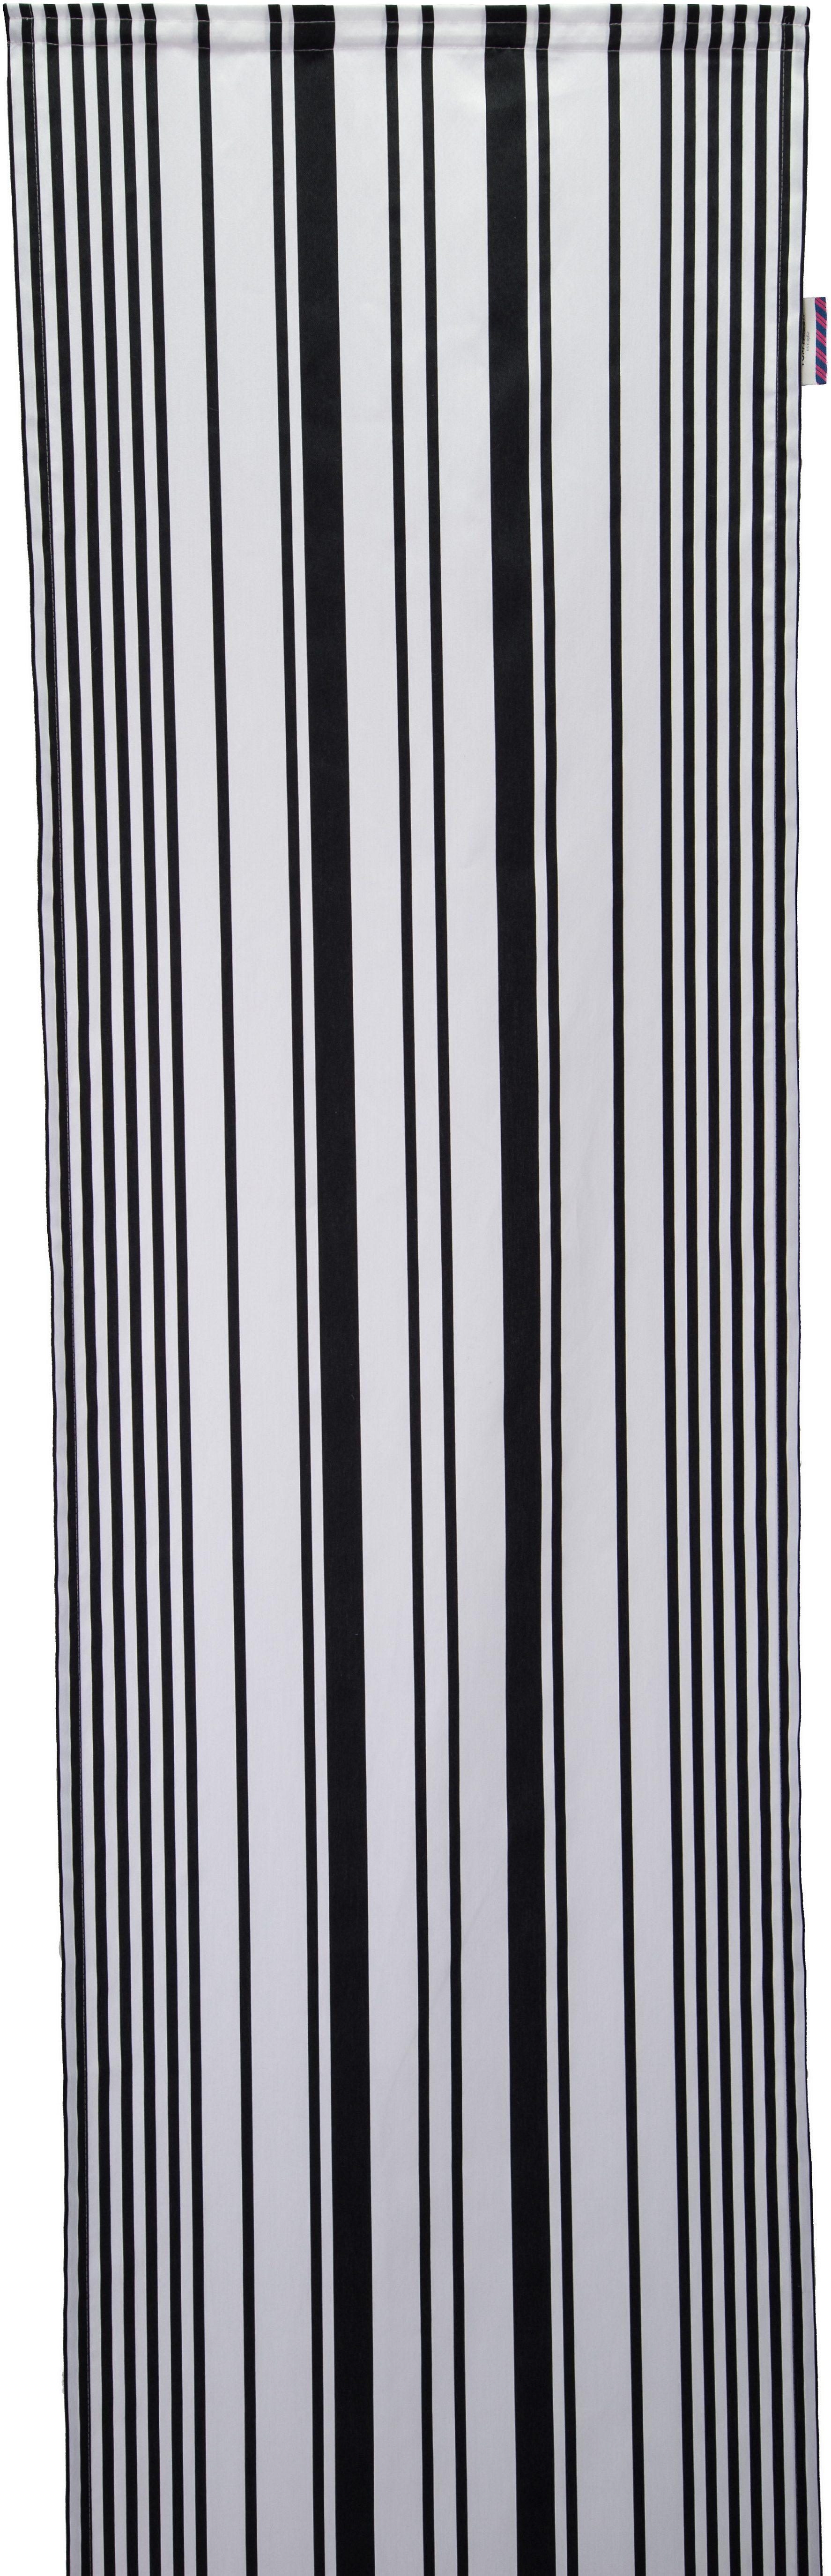 Schiebegardine, Tom Tailor, »Graphic Stripes«, mit Klettband (1 Stück ohne Zubehör)